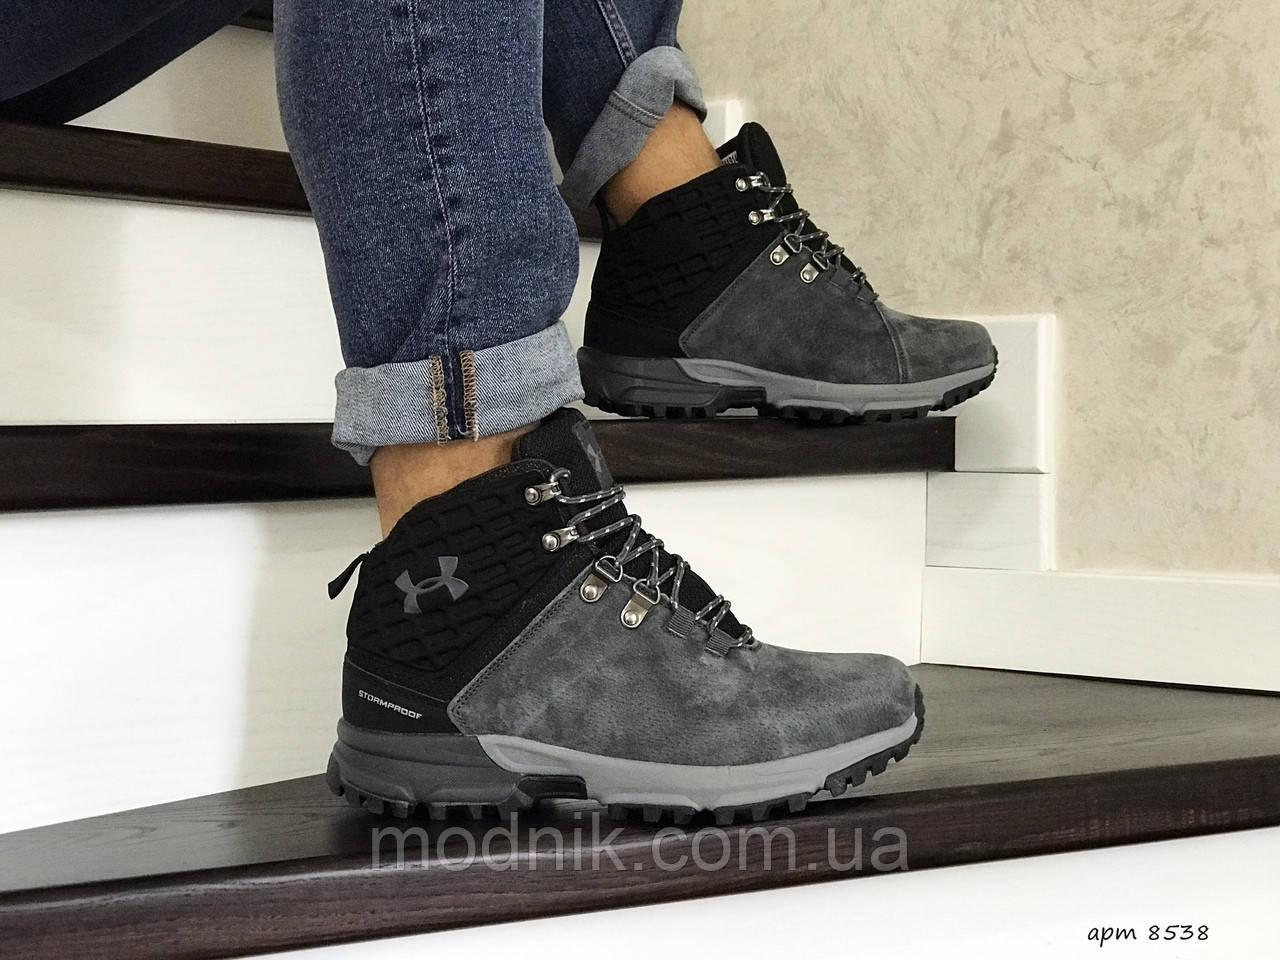 Мужские ботинки Under Armour (серые) ЗИМА